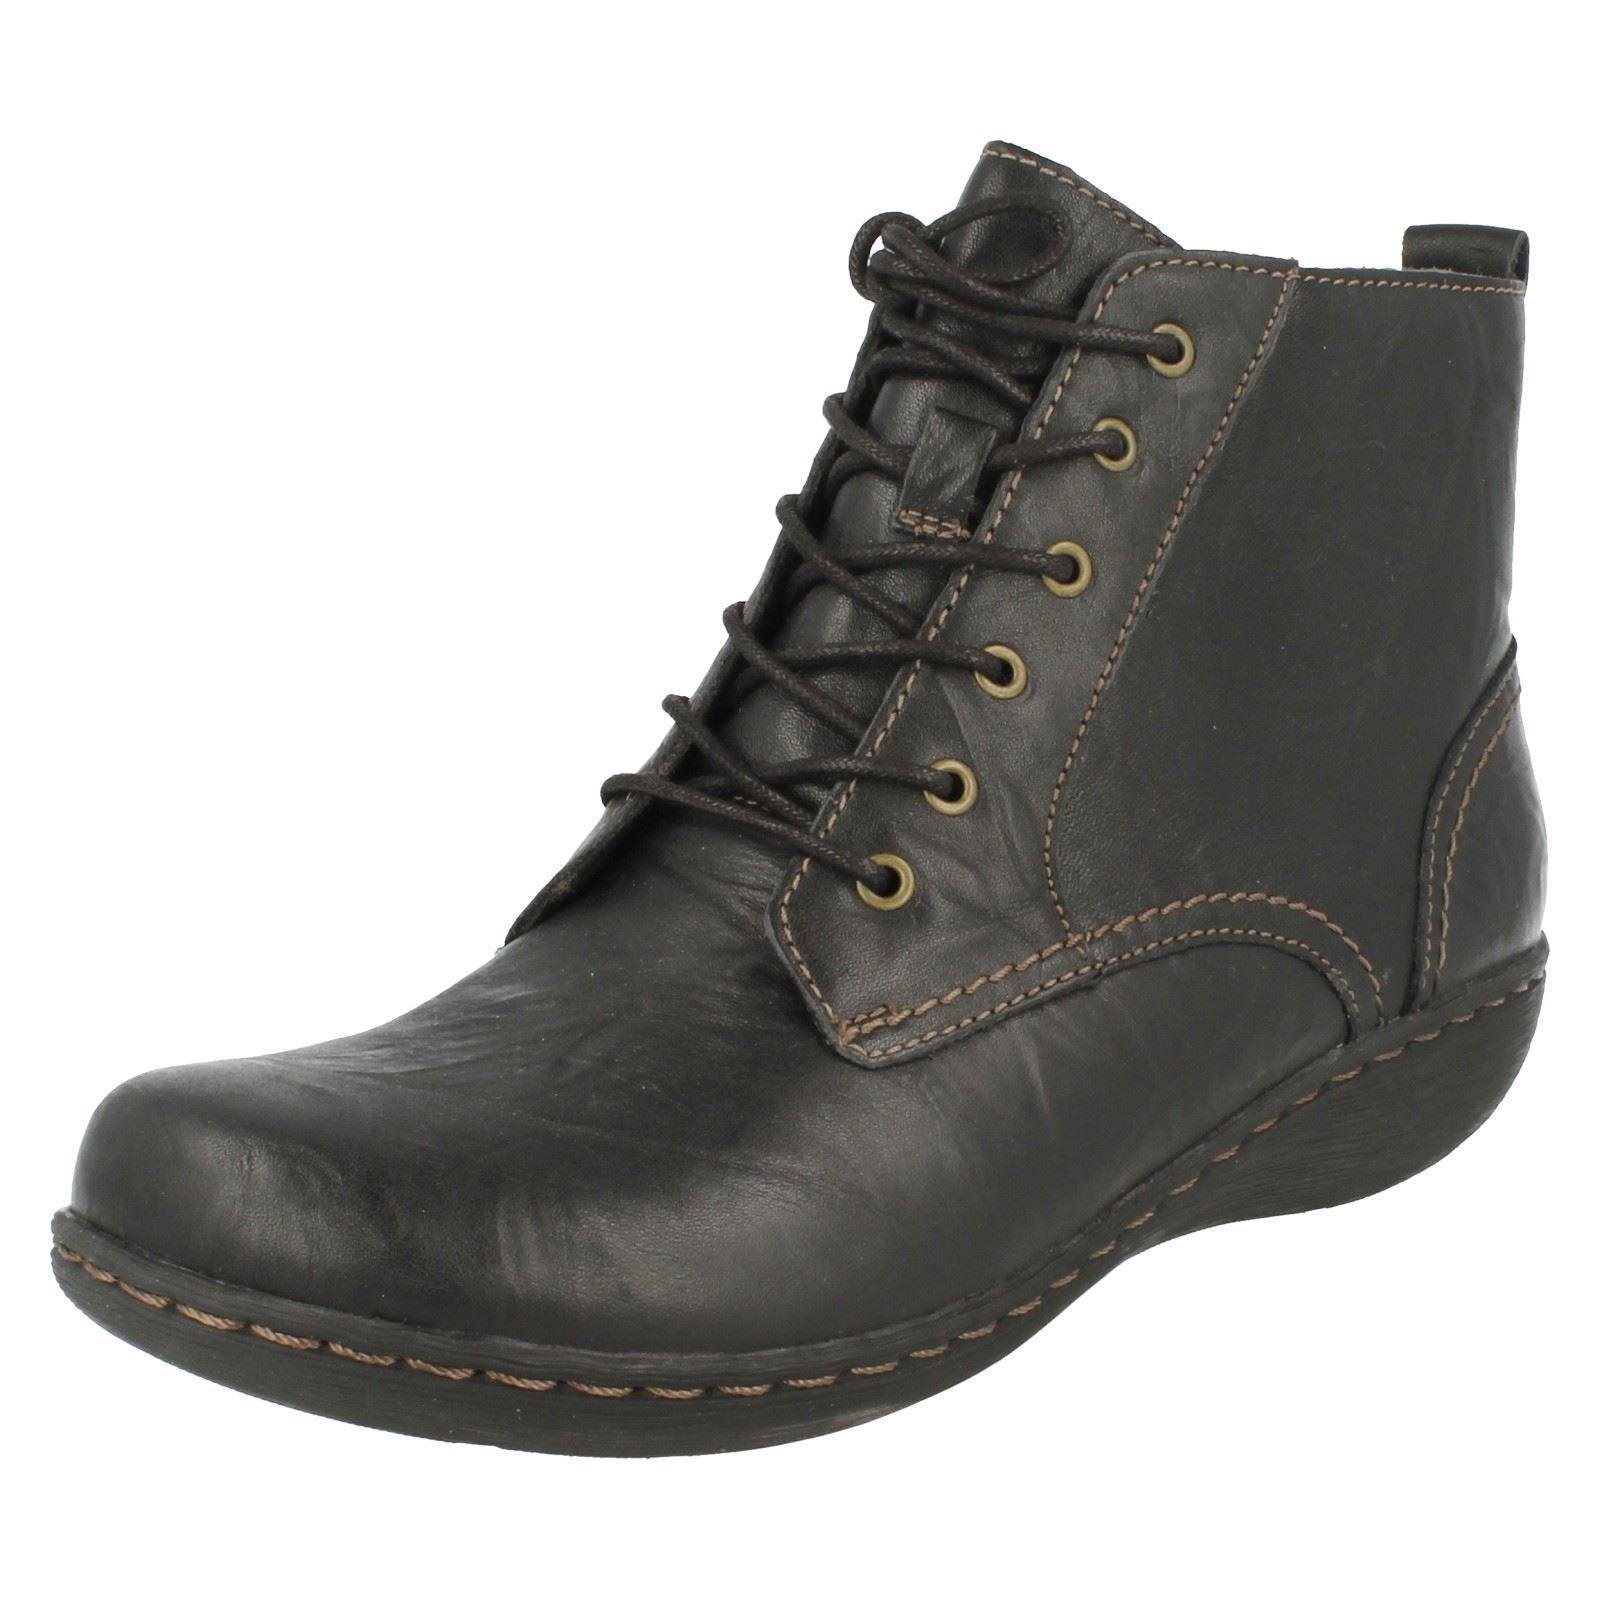 Zapatos especiales con descuento Clarks' Fianna Holly ' Mujer Con Cordones Piel Negra 2.5cm